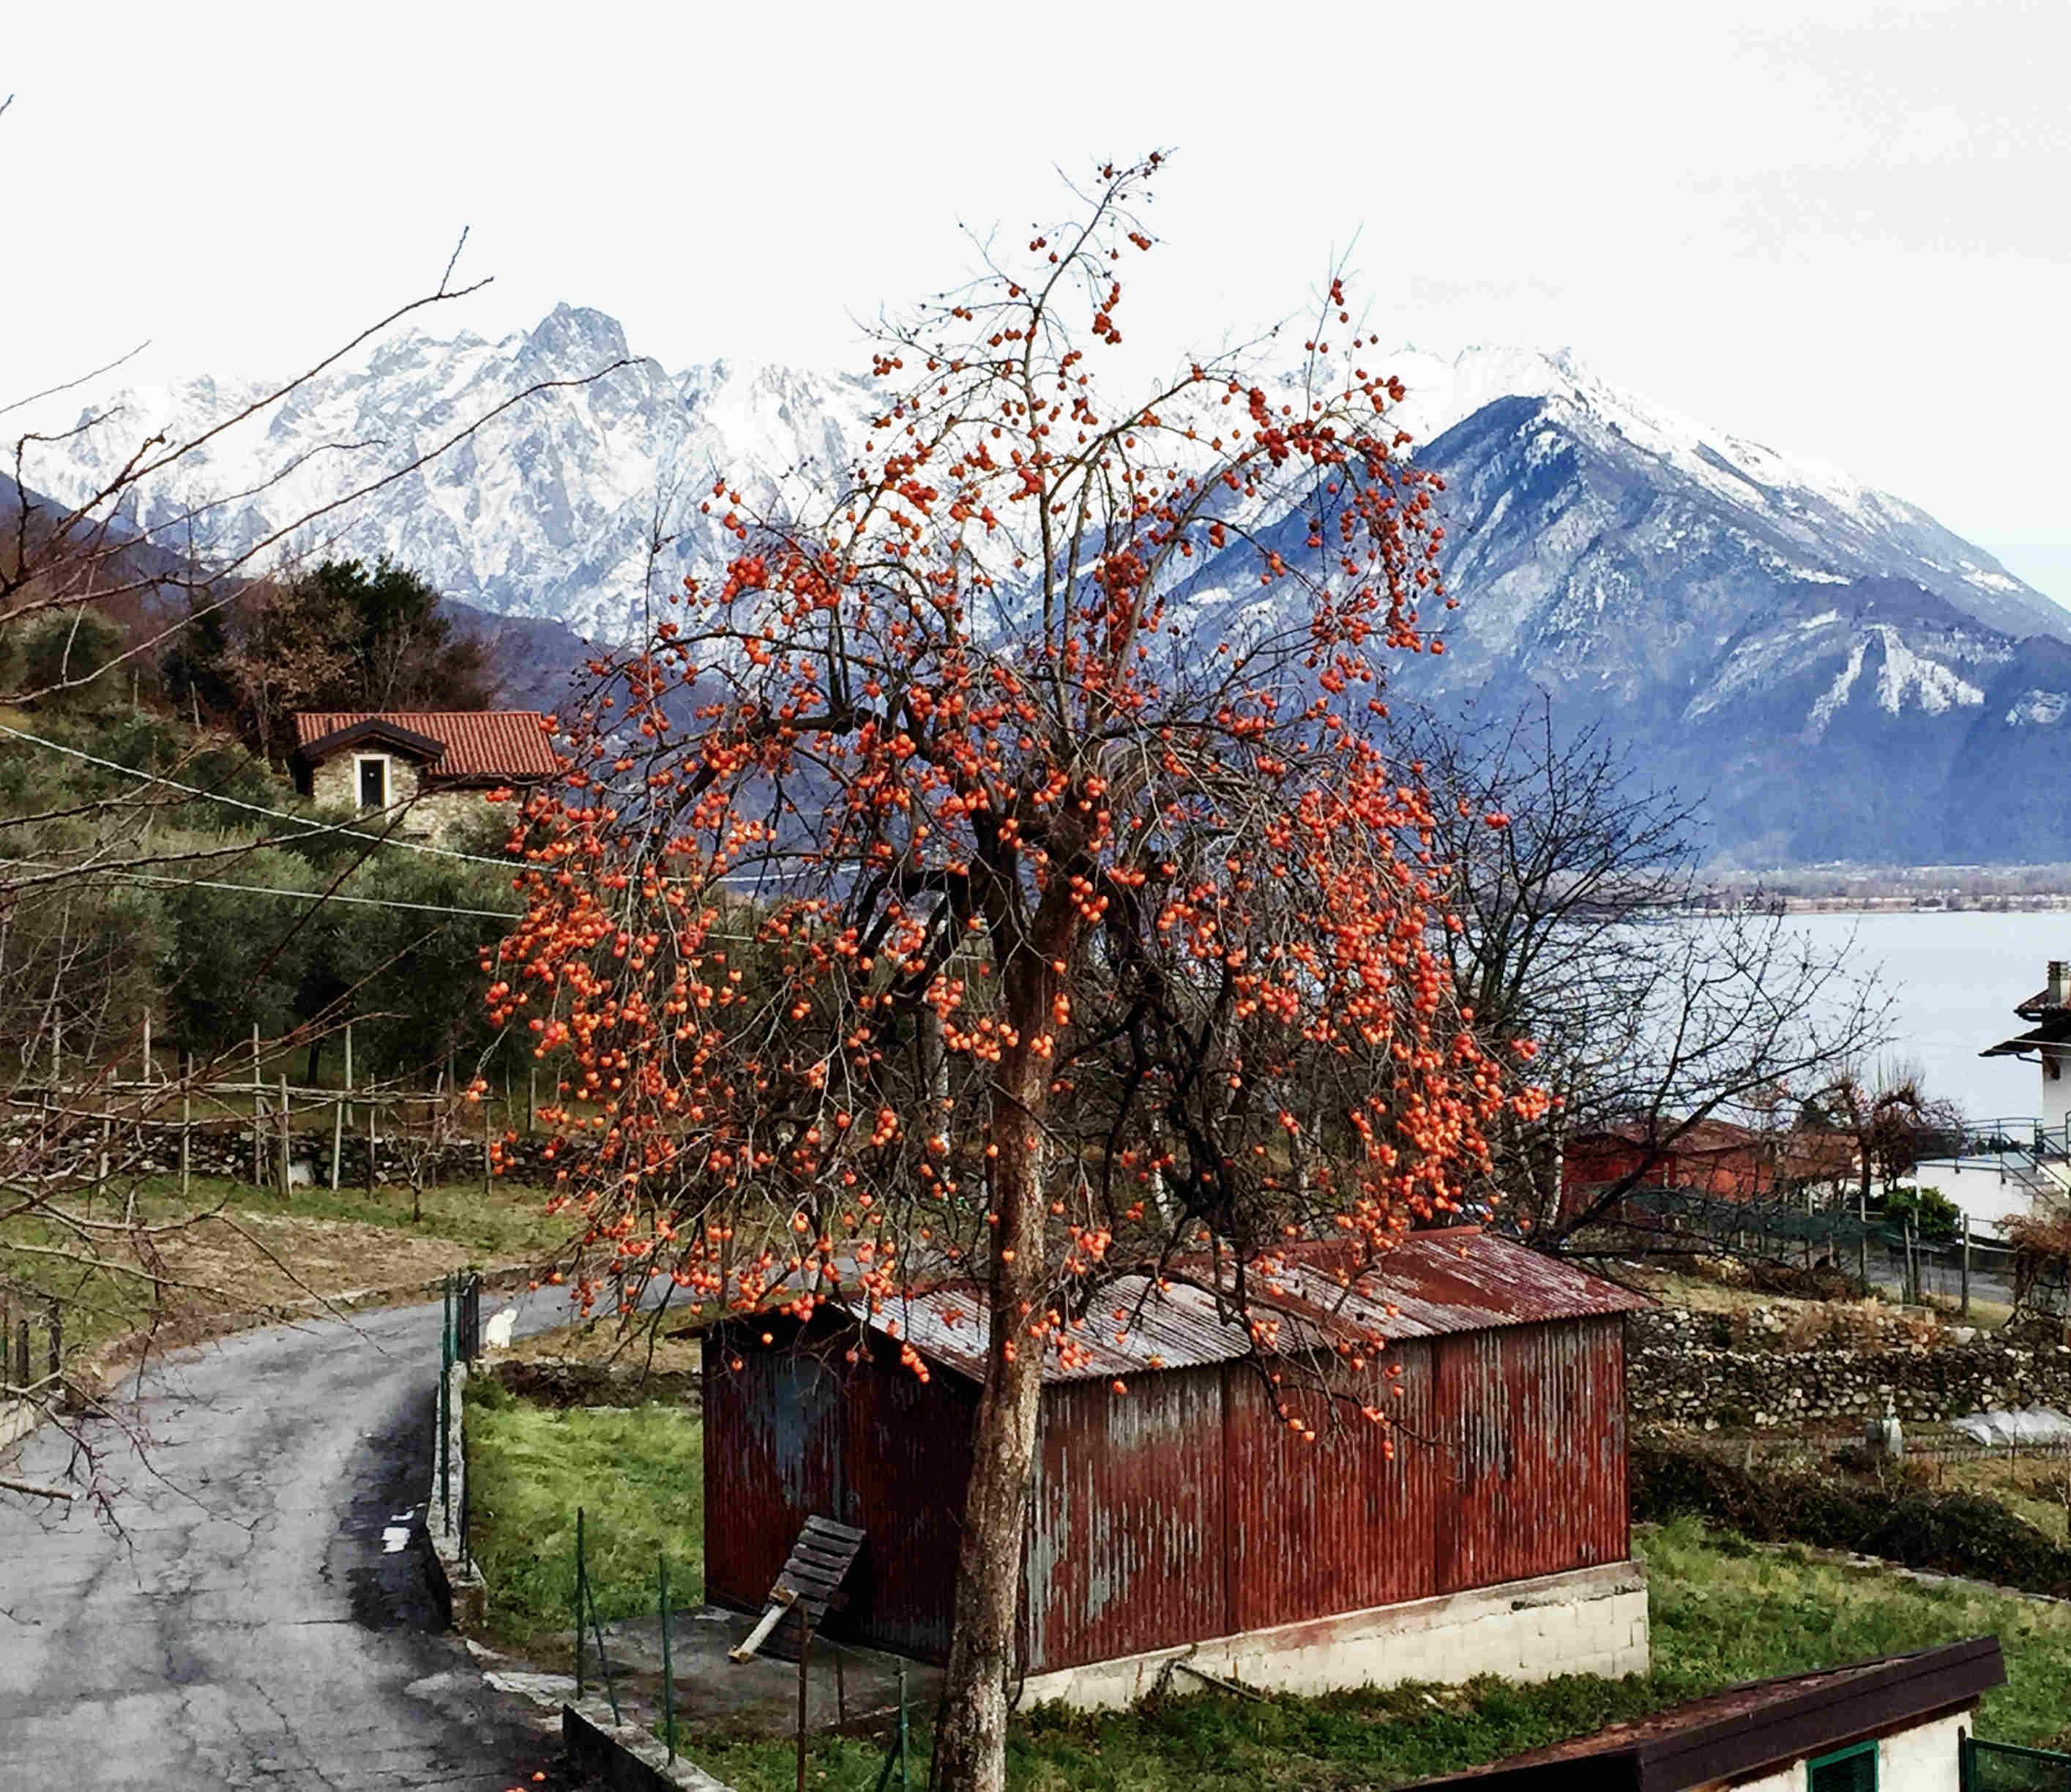 Comer See im Winter: Ein Mandarinenbaum im Dezember vor verschneiter Bergkulisse